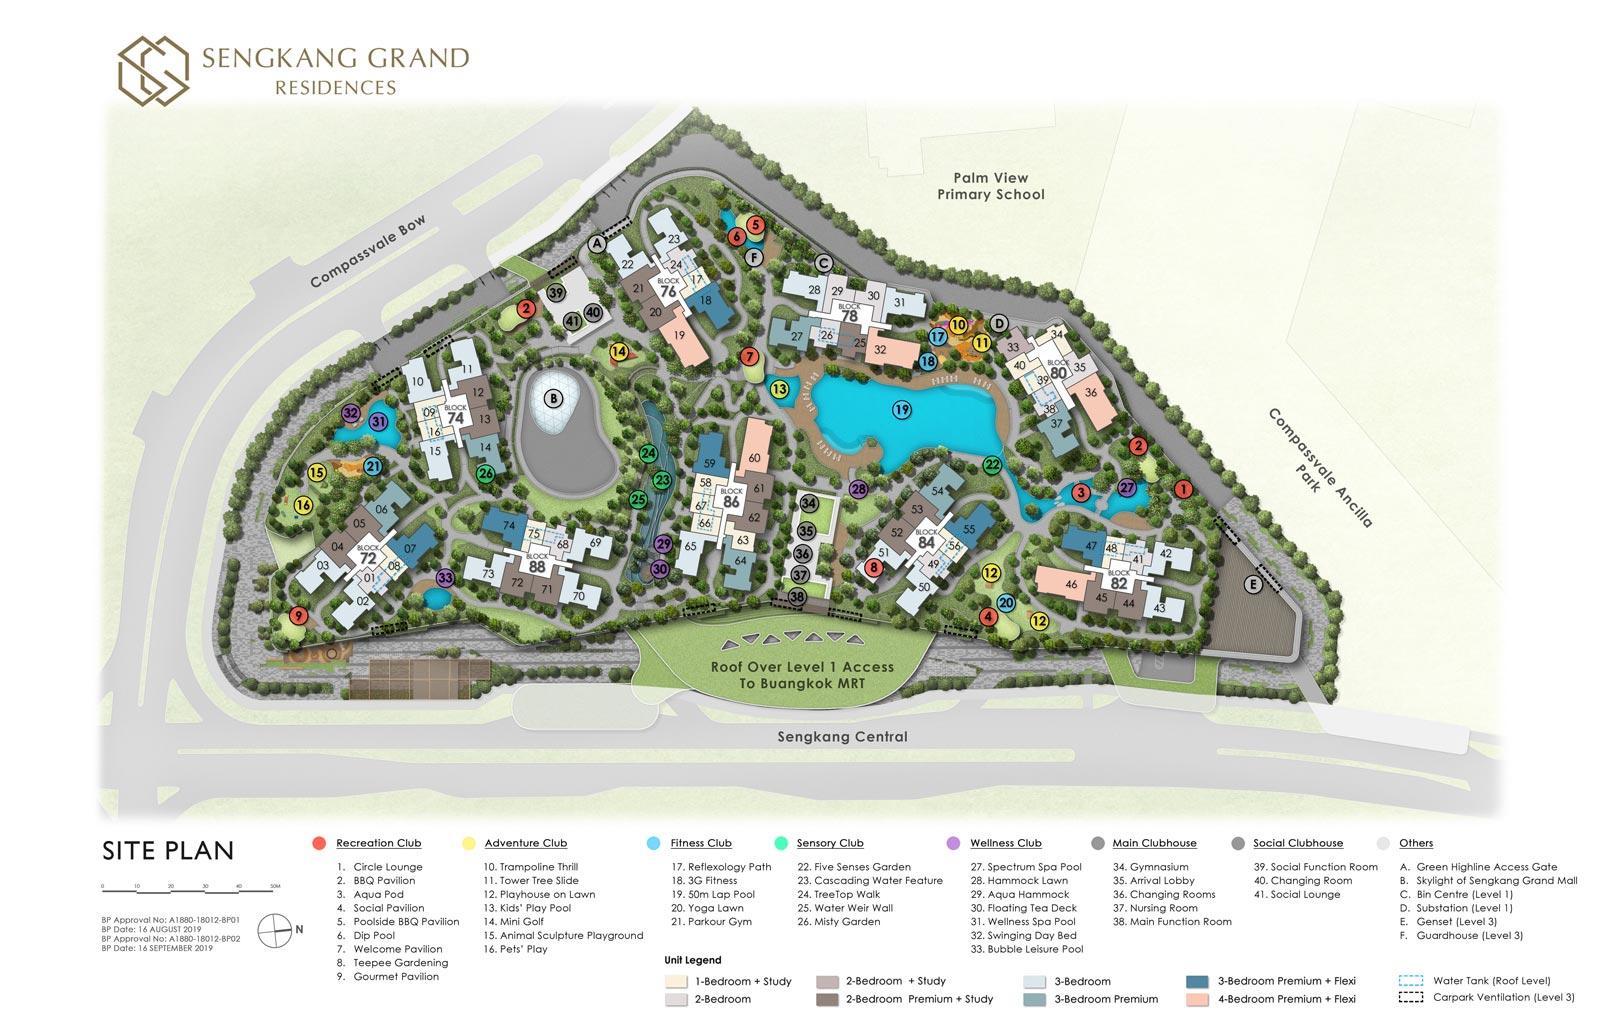 Sengkang Grand residences' Siteplan